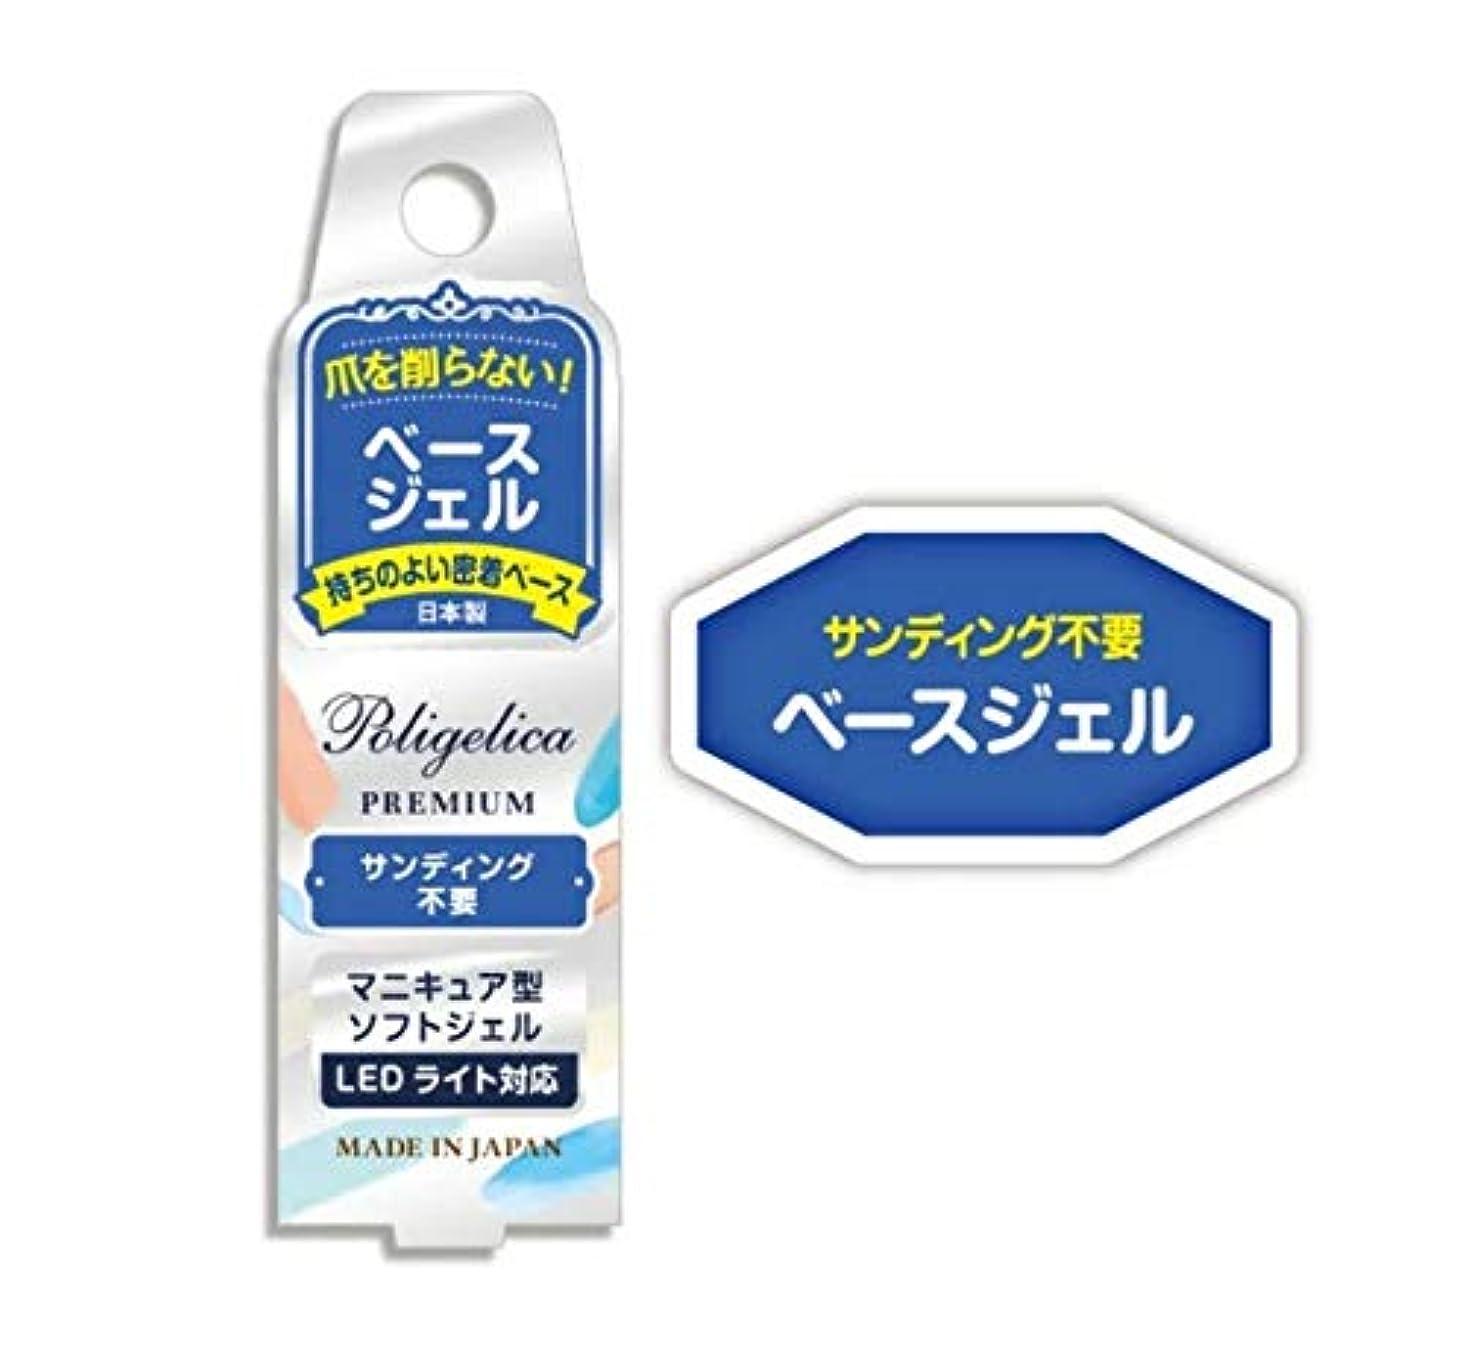 降臨でる生産性BWポリジェリカ プレミアムベースジェル 6g APGB1001 日本製 ソフト ジェル ネイル サンディング不要 爪 密着 マニキュア型